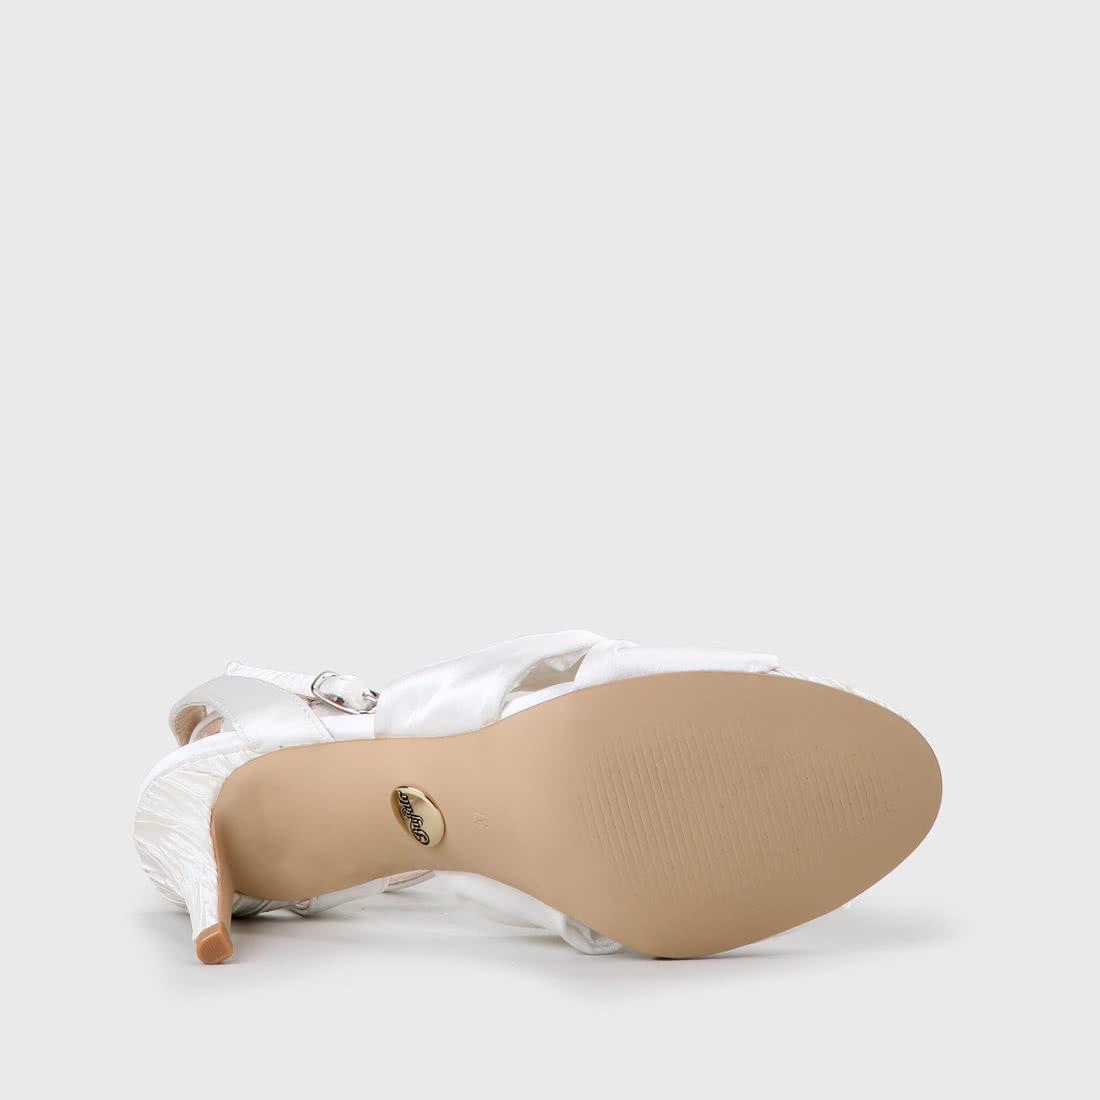 Ebru Aus Weiß Ebru Sandalette Aus Sandalette Satin NO8n0wPkX